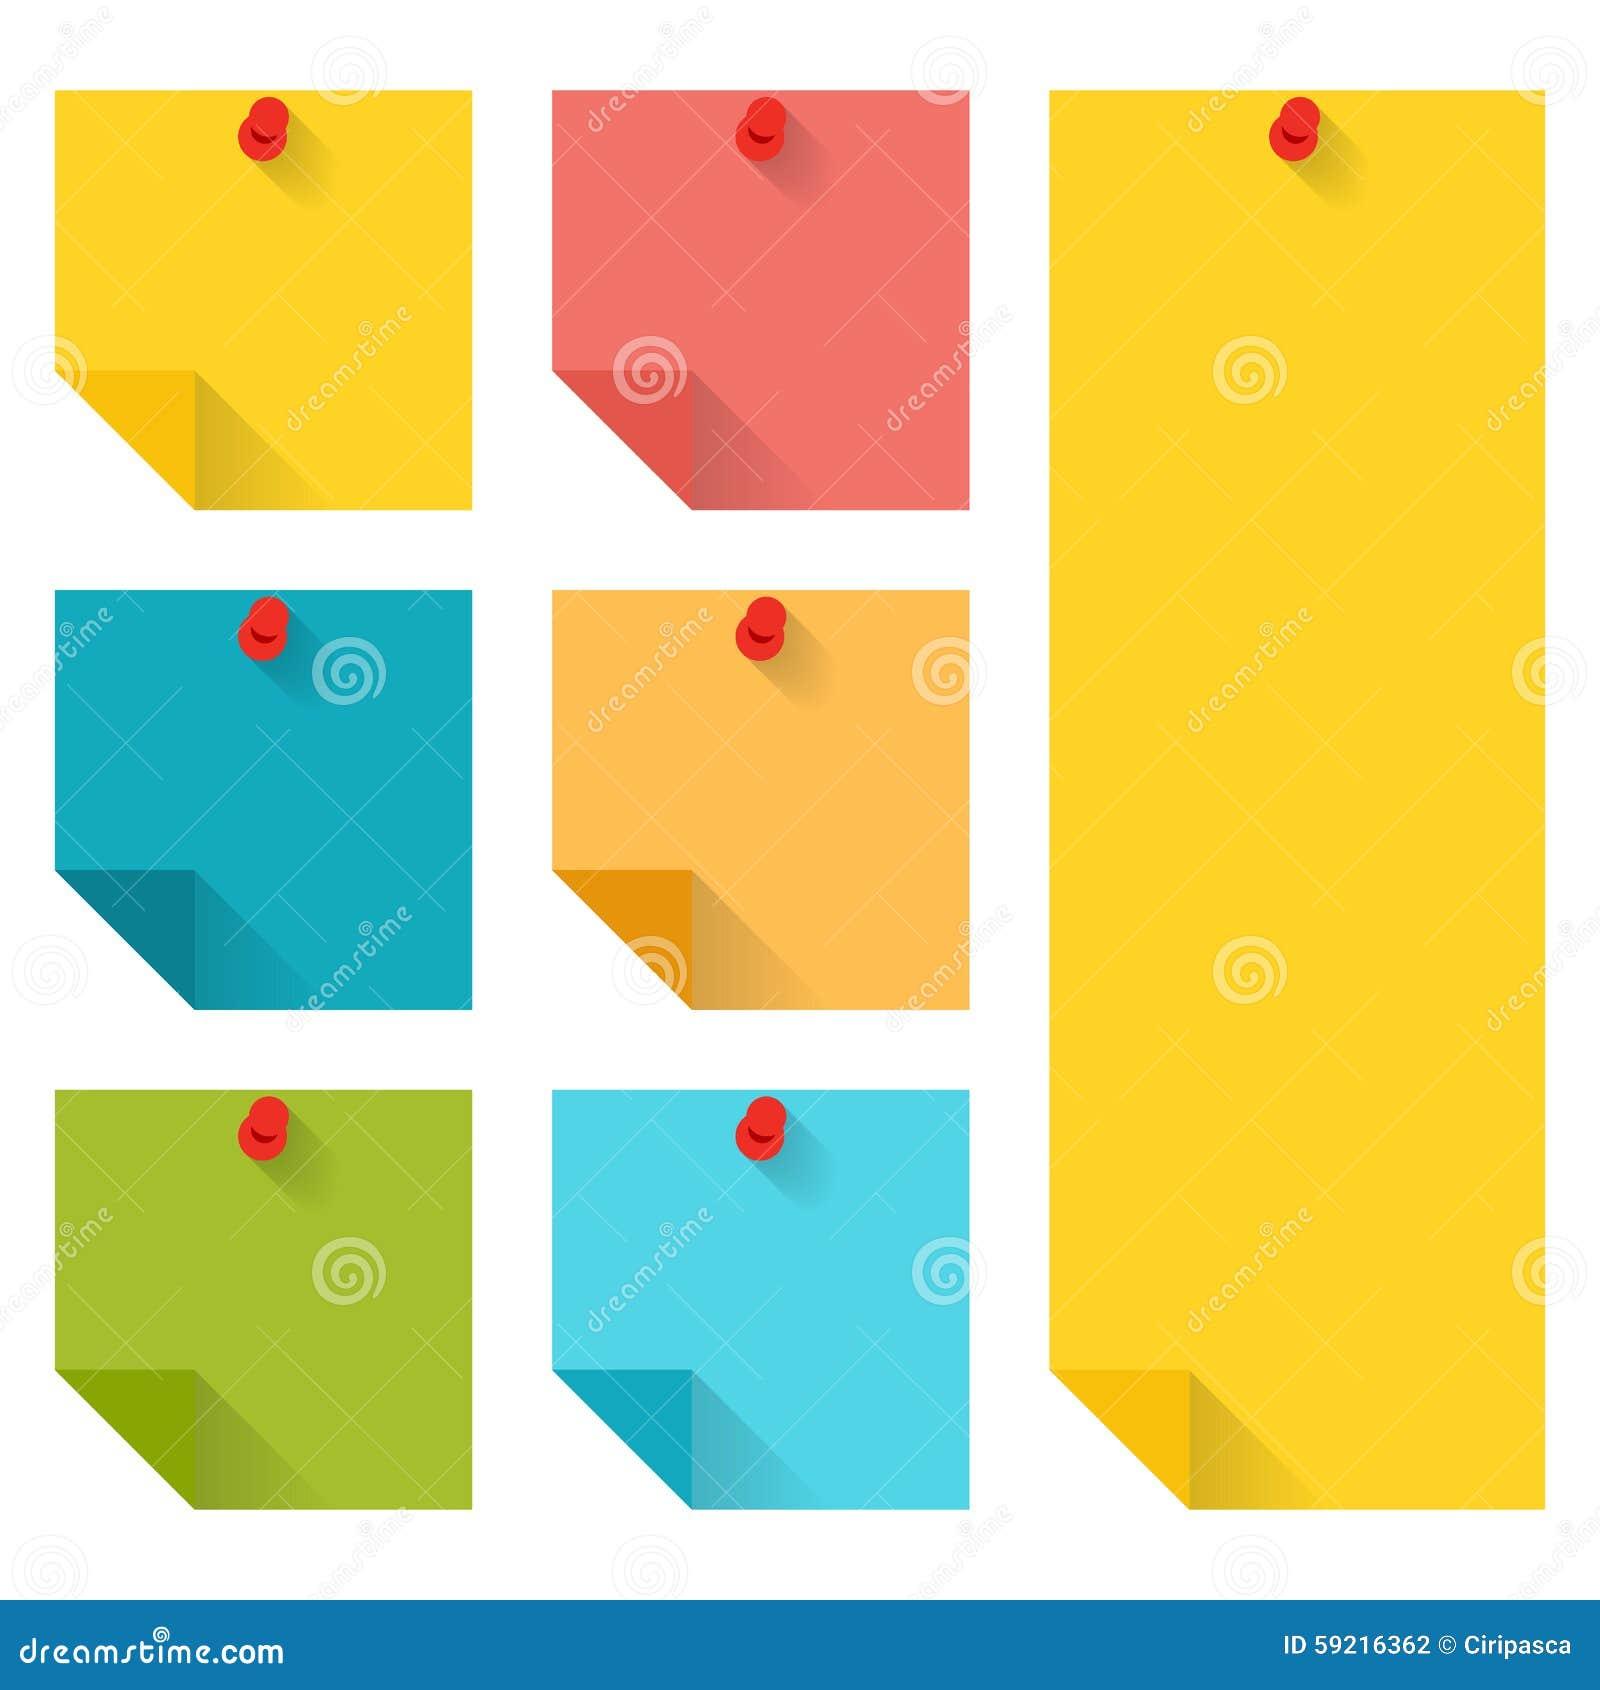 Sticky Note Applique Design   Sticky Note Design